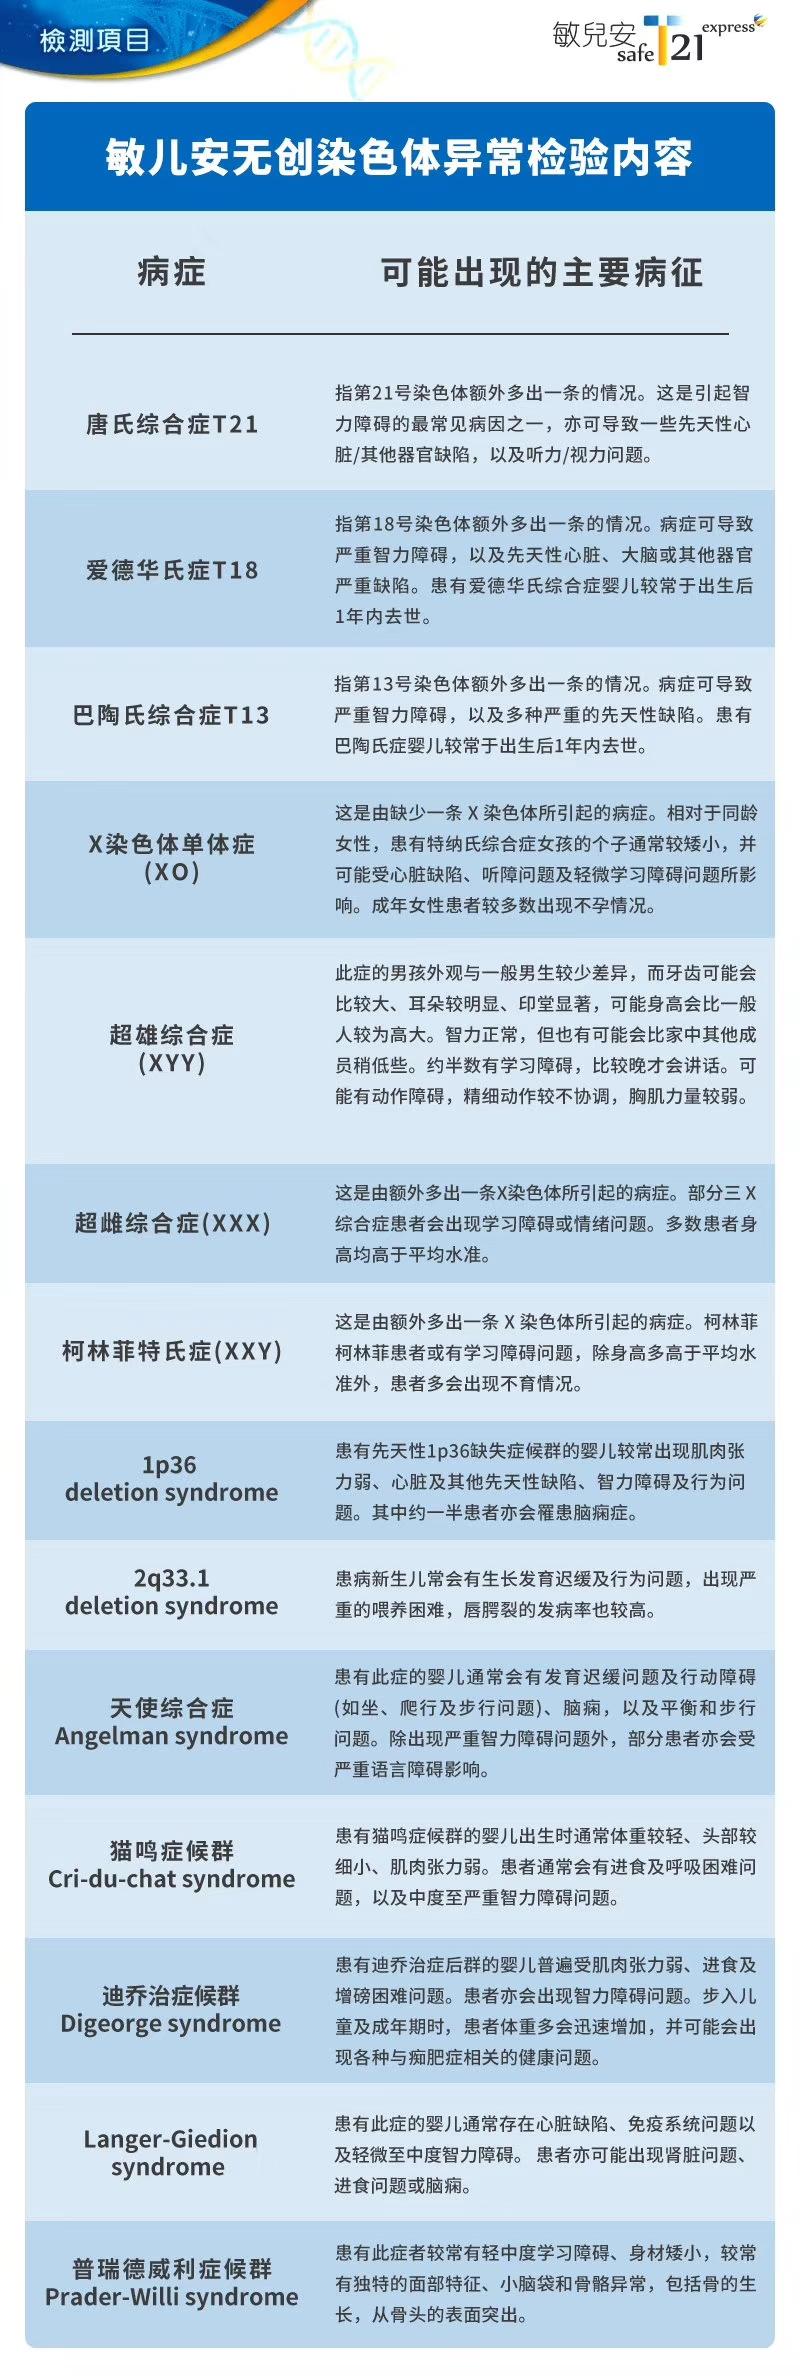 香港敏儿安T21无创产前检测降价优惠,别错过~